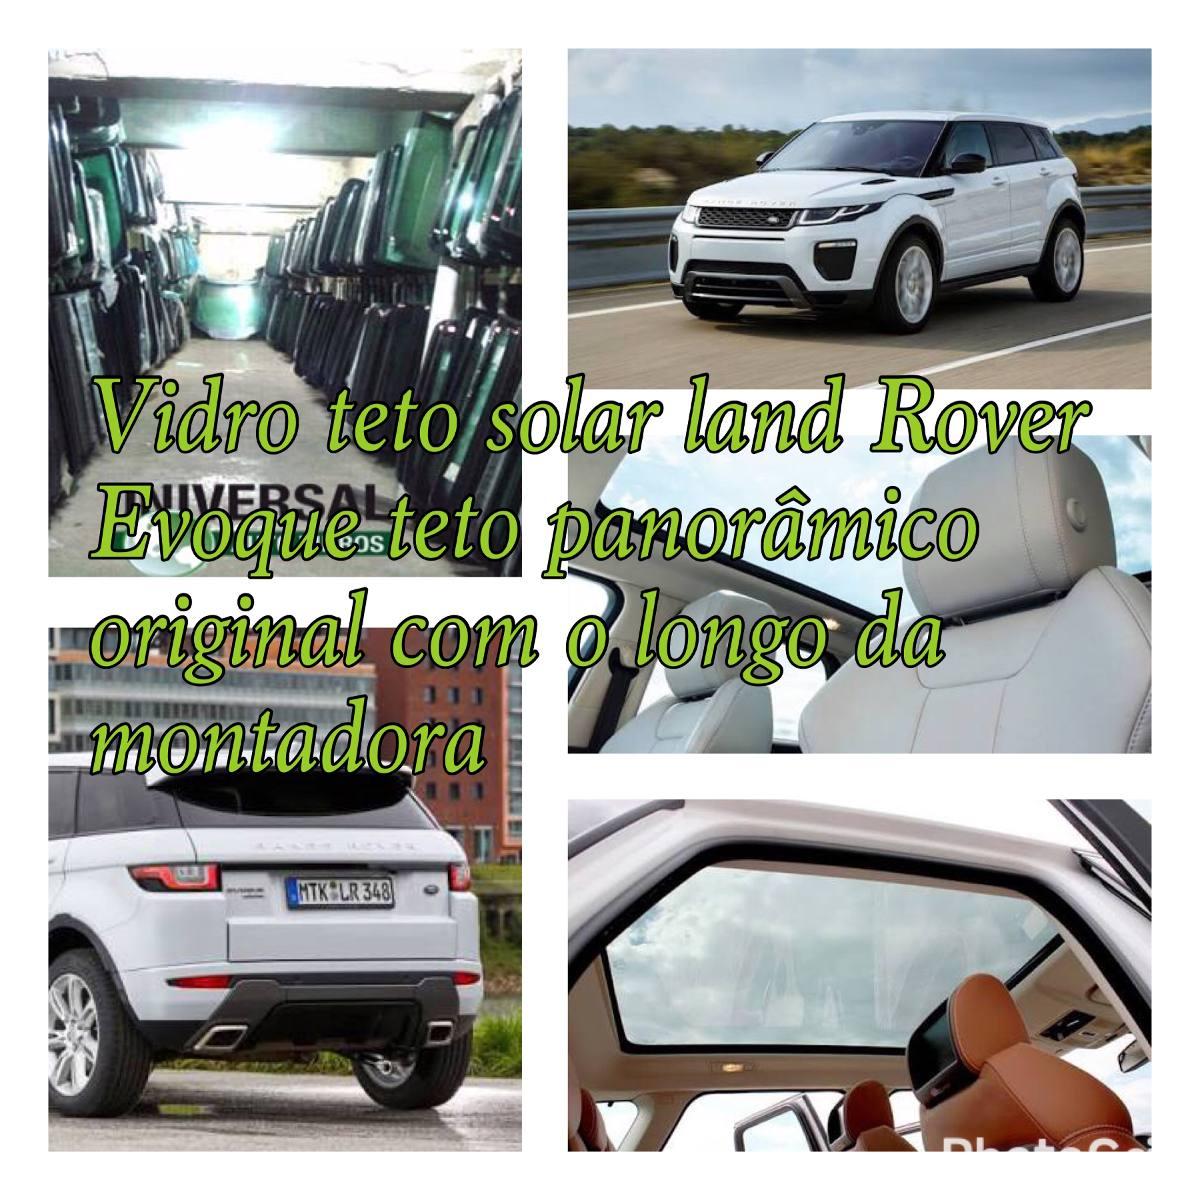 a826b754236f3 Vidro Teto Solar Range Rover Evoque - R  1.580